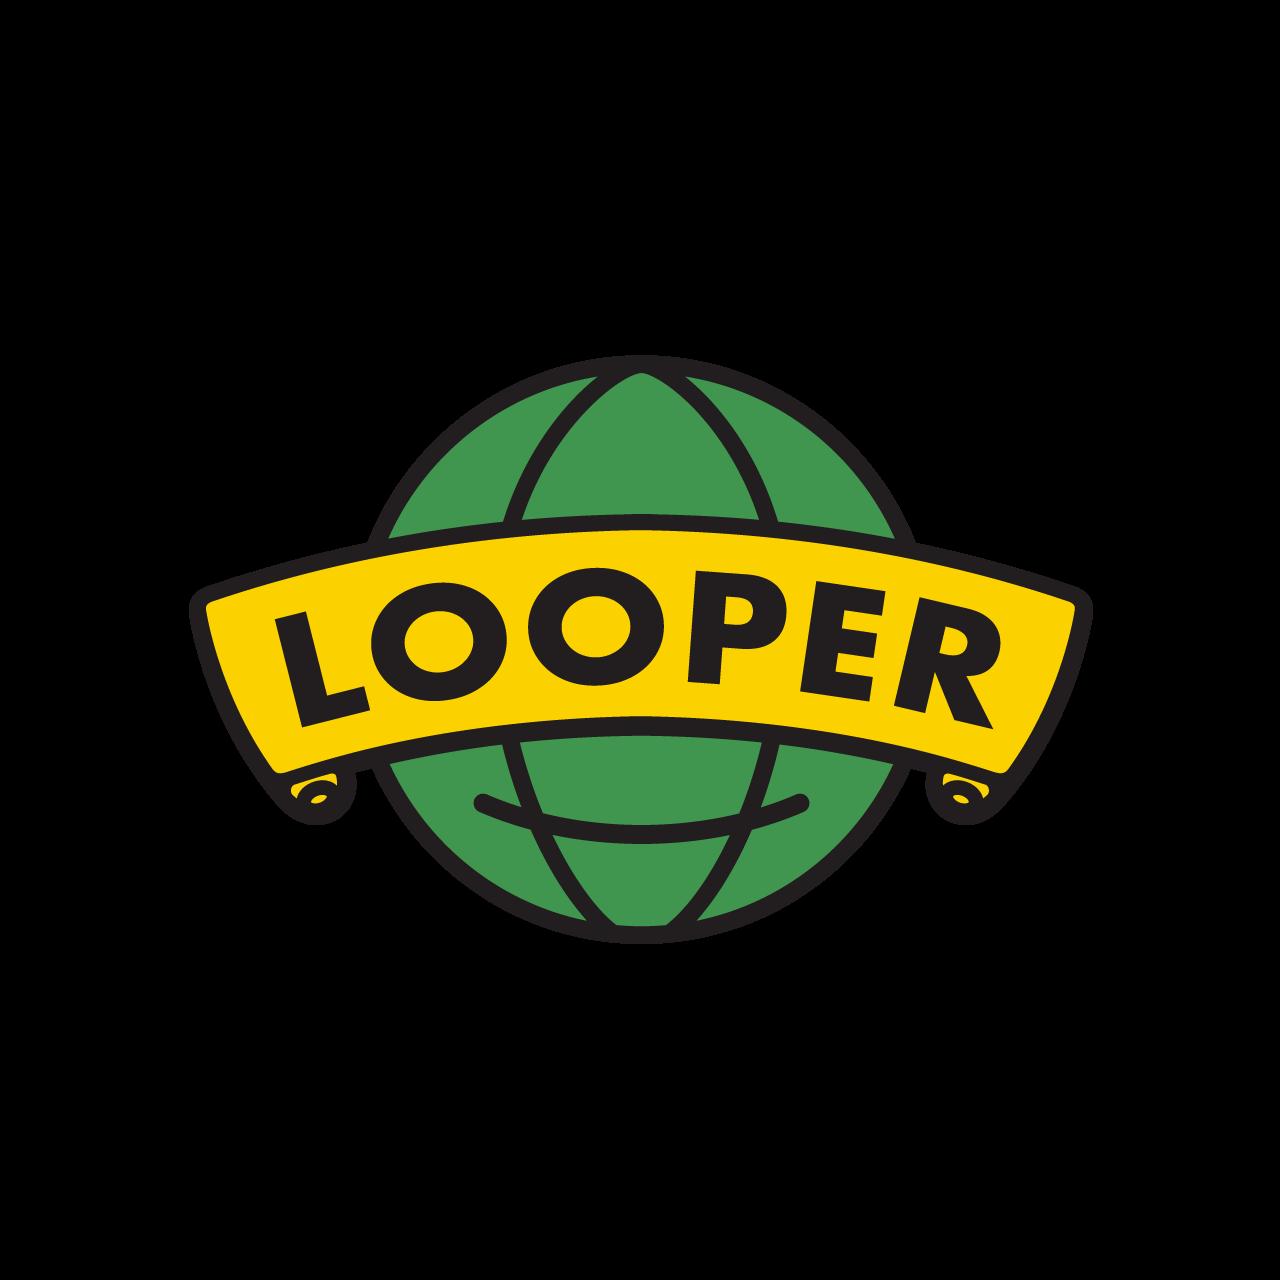 루퍼 LOOPER